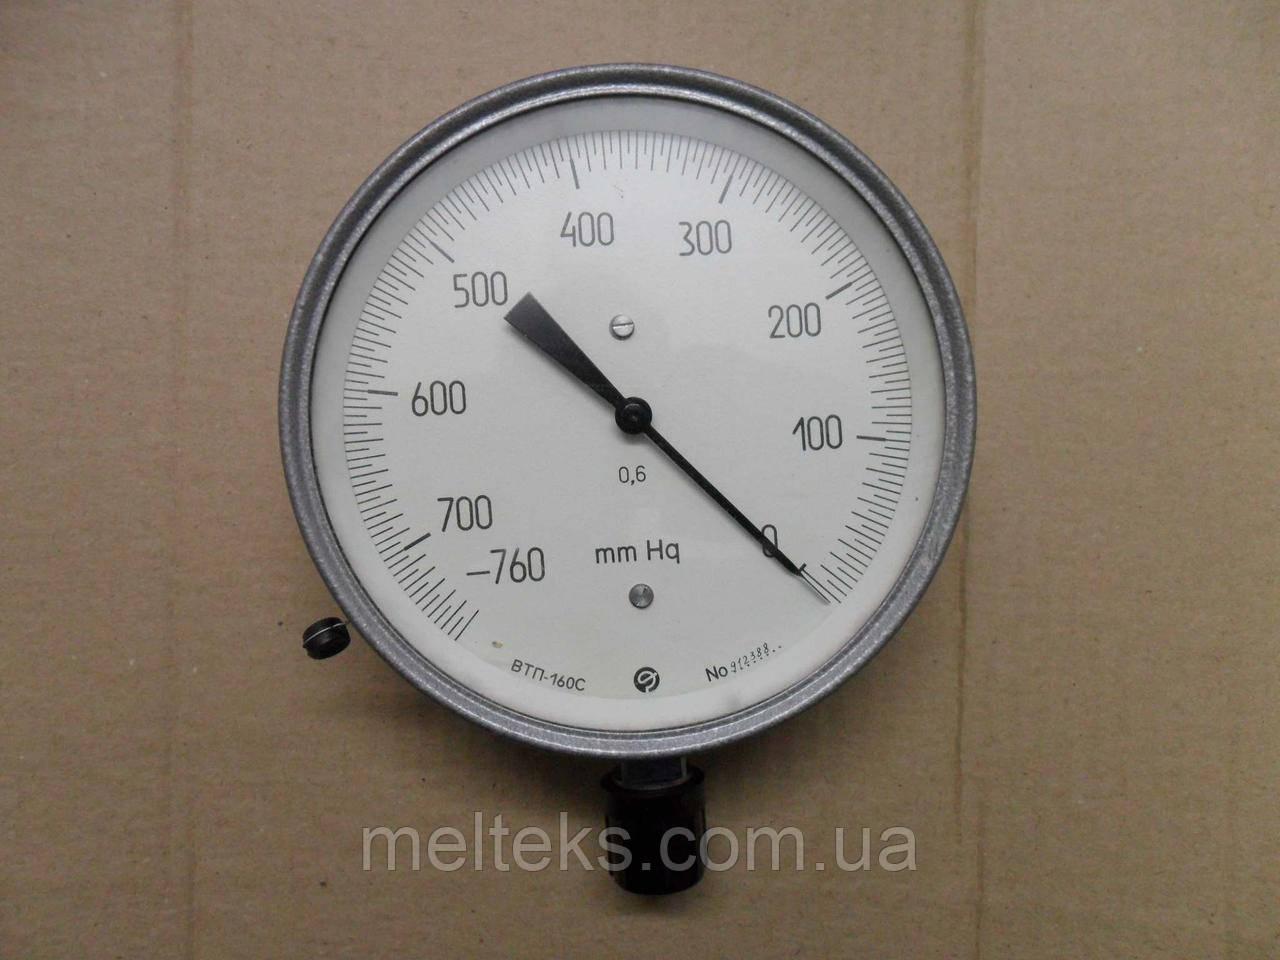 Вакуумметр точных измерений ВТП-160С в мм ртутного столба